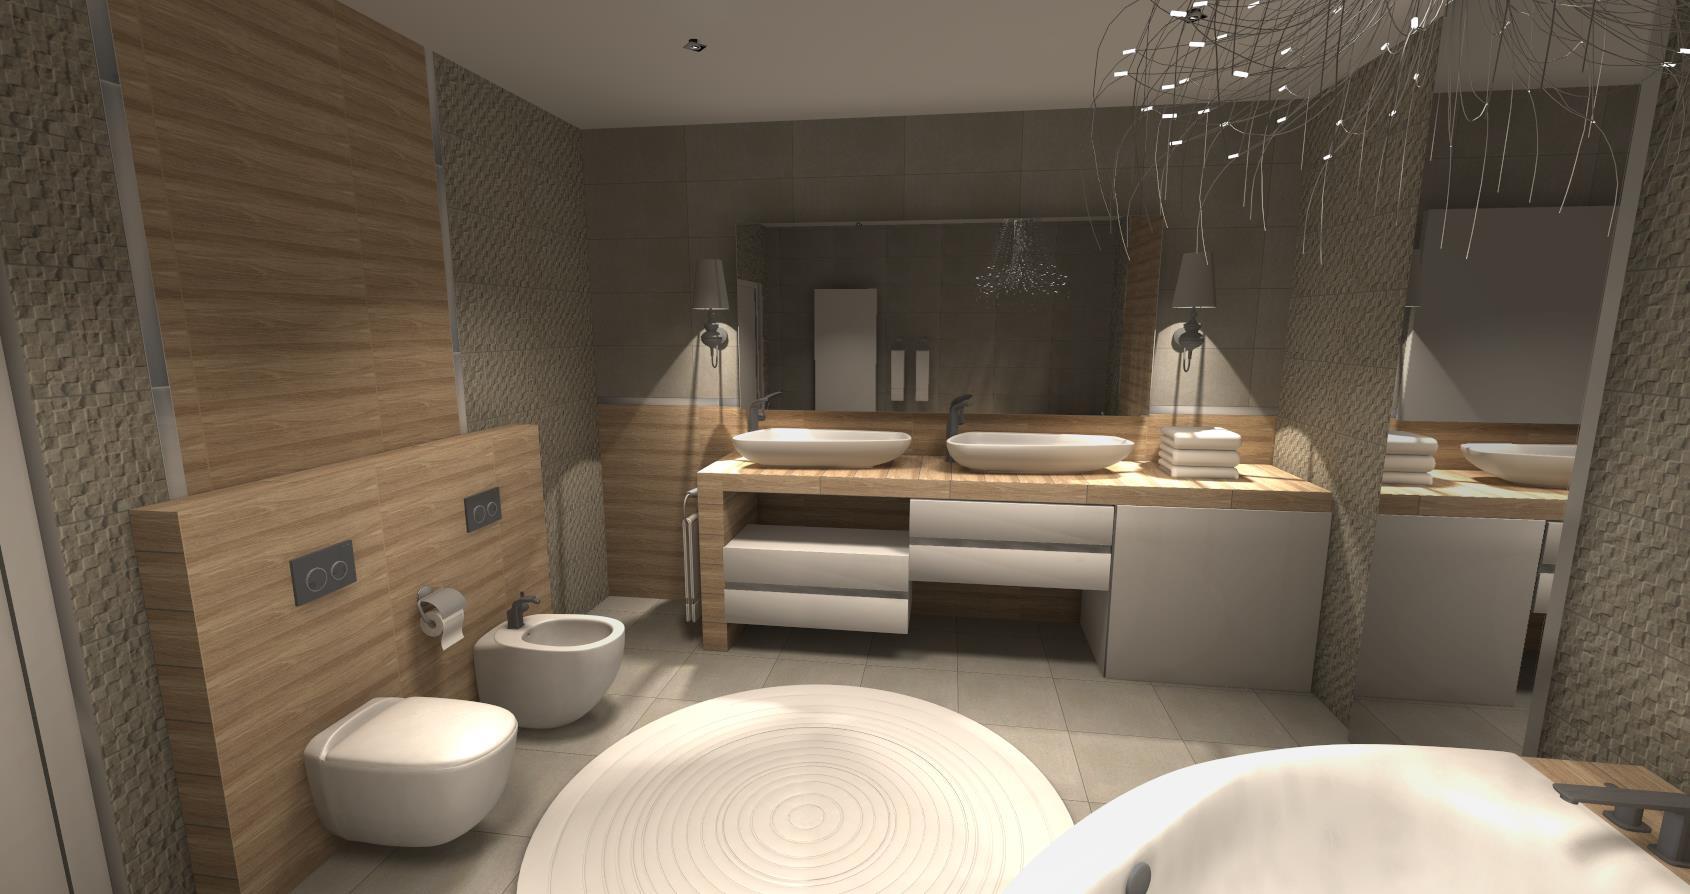 Projekty łazienek Oraz Innych Wnętrz Mińsk Mazowiecki